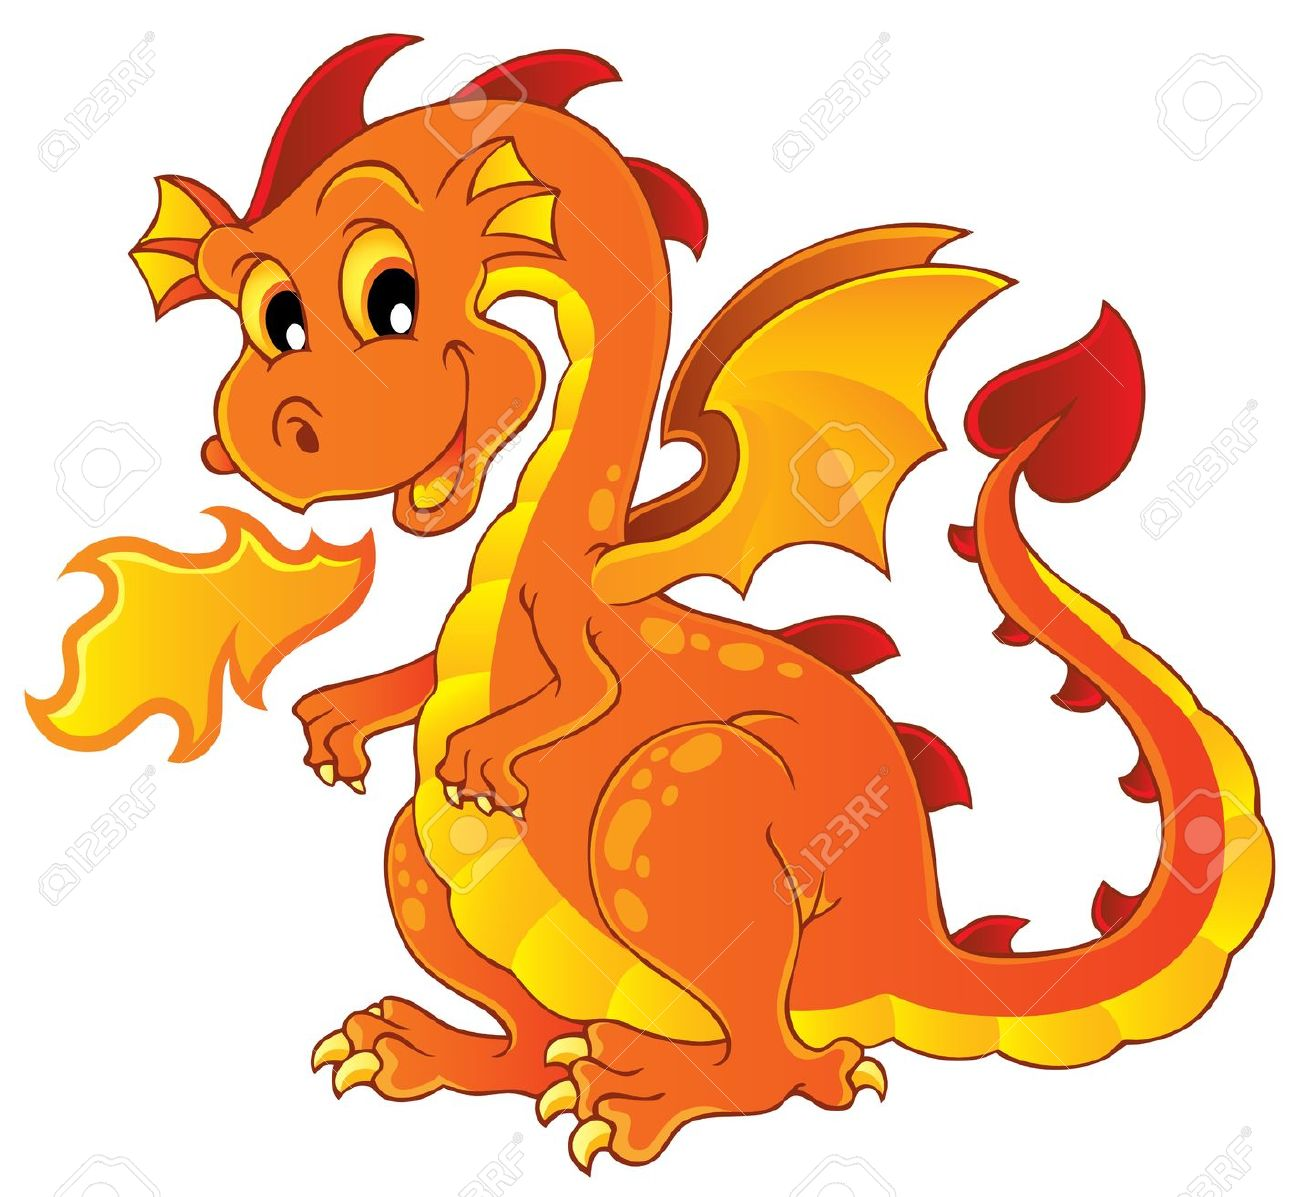 Clip art of dragons.